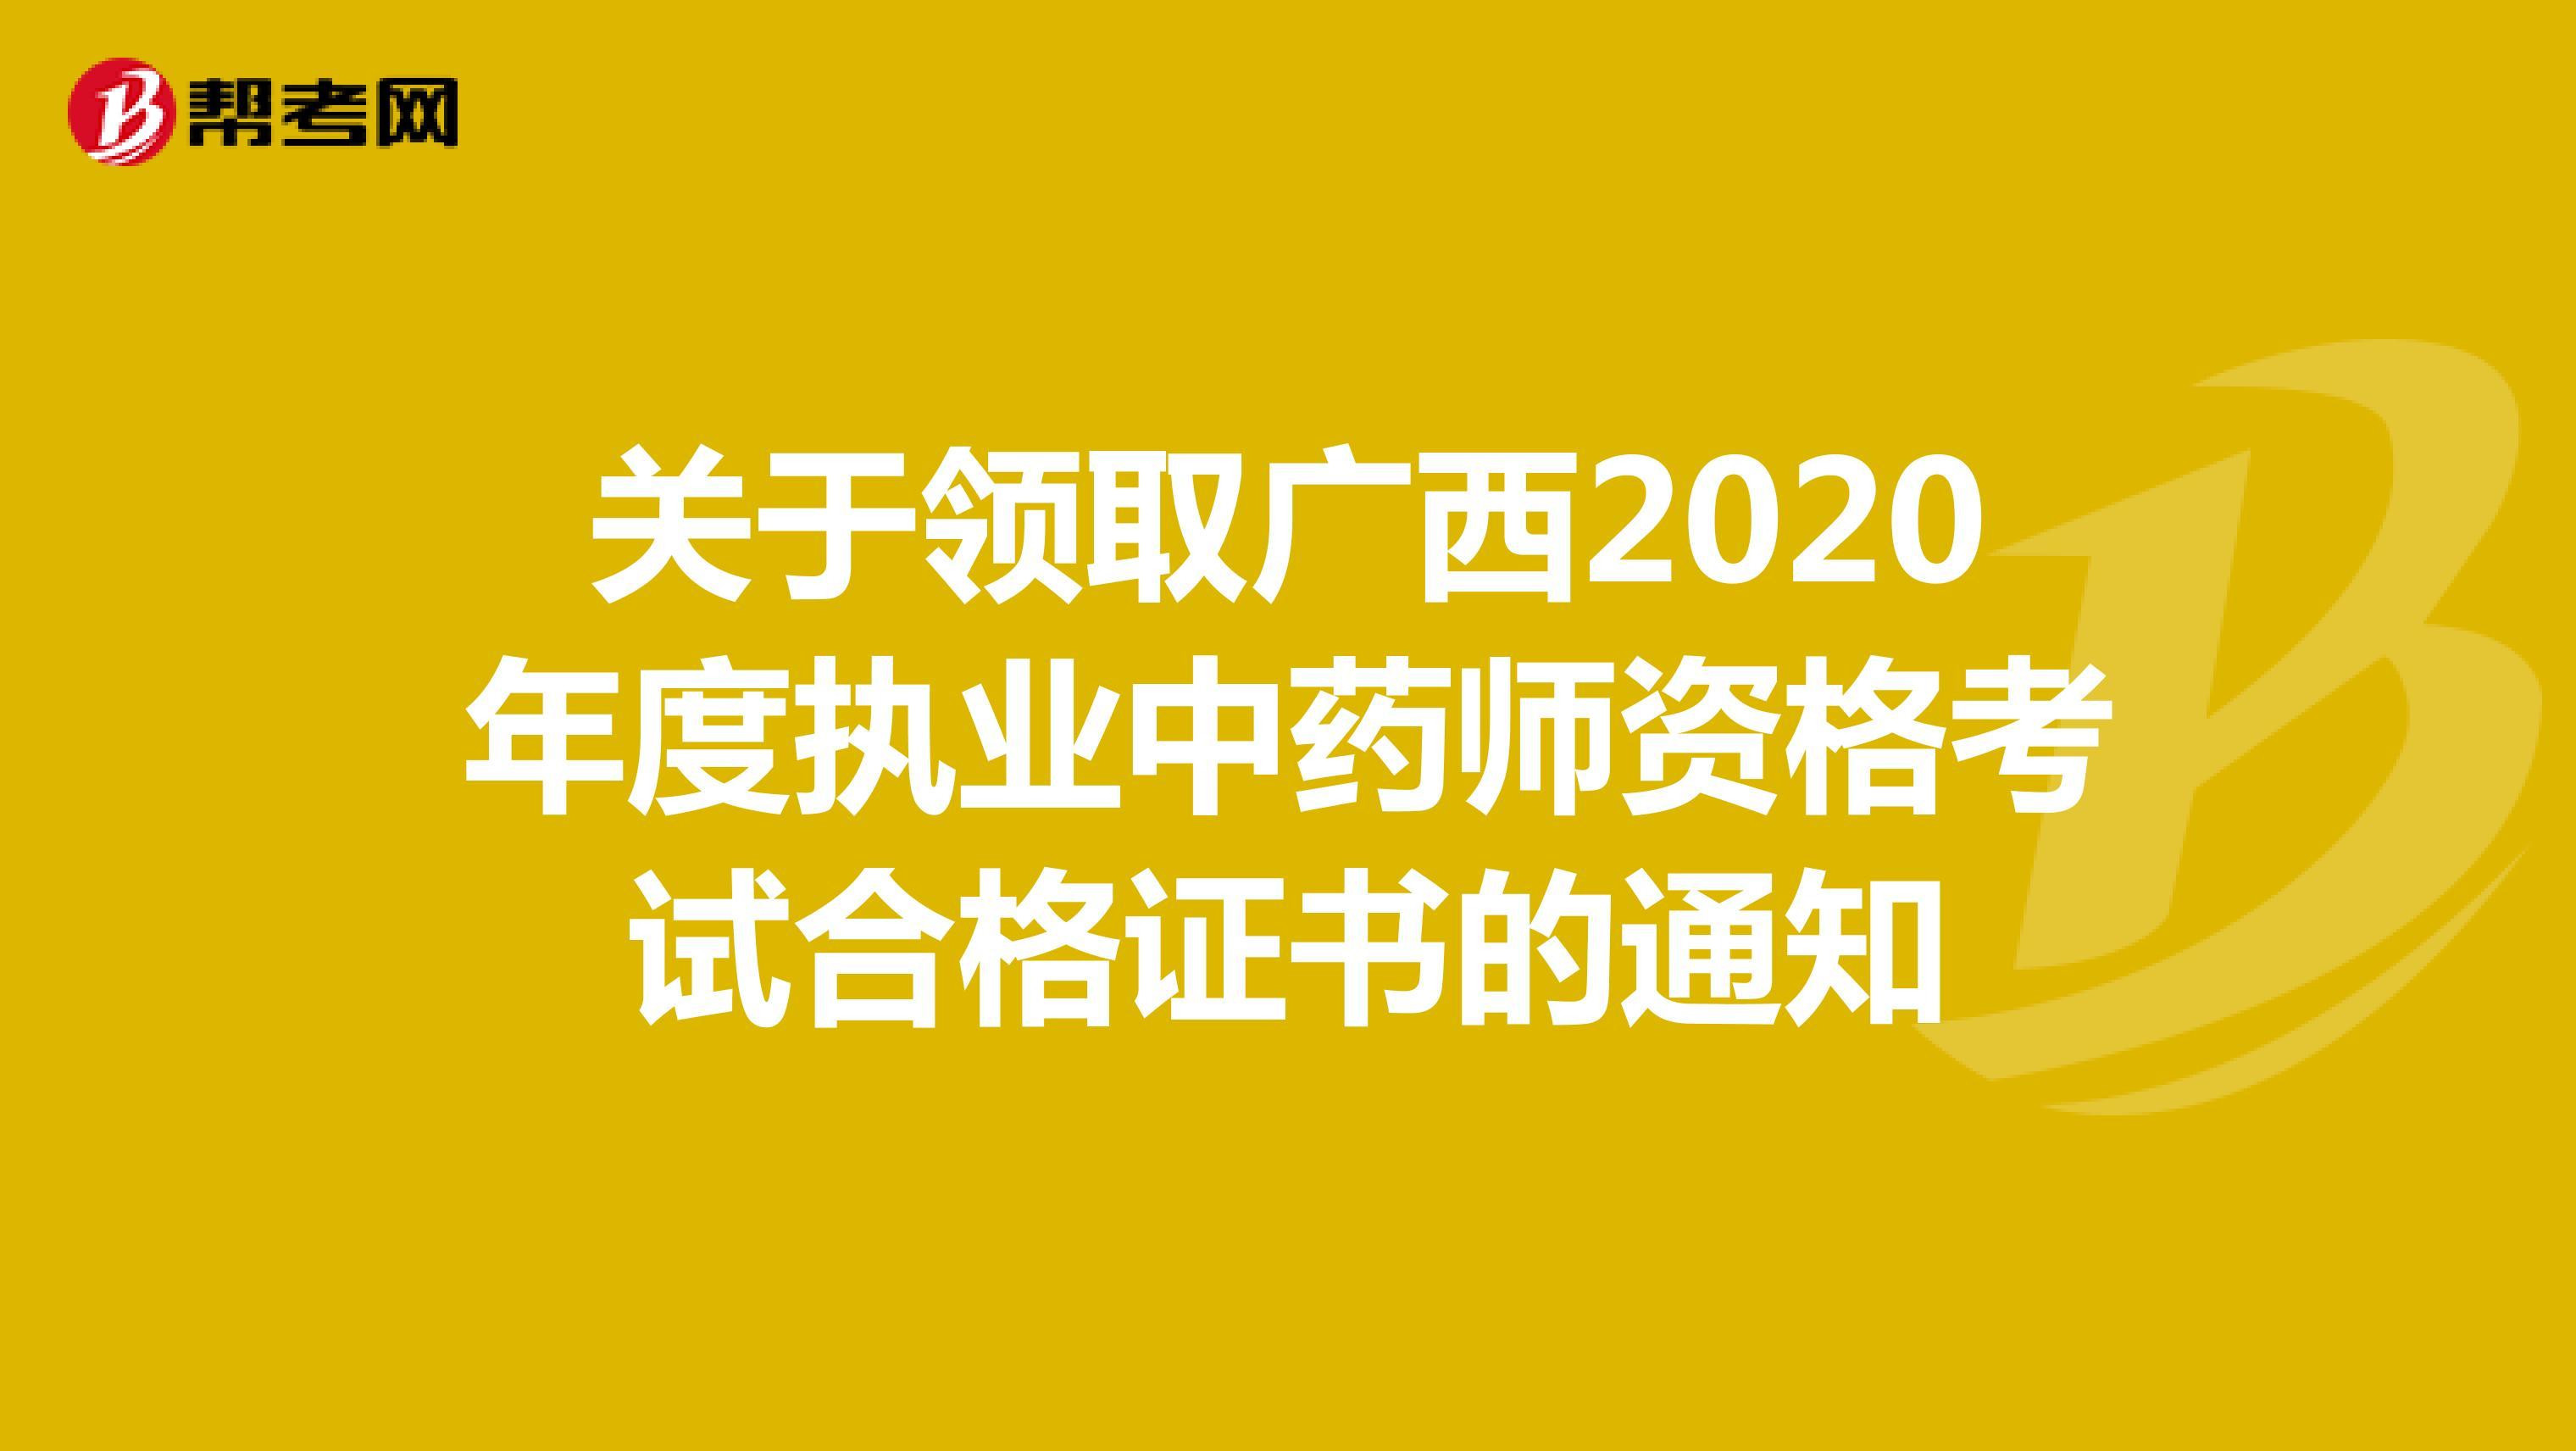 关于领取广西2020年度执业中药师资格考试合格证书的通知